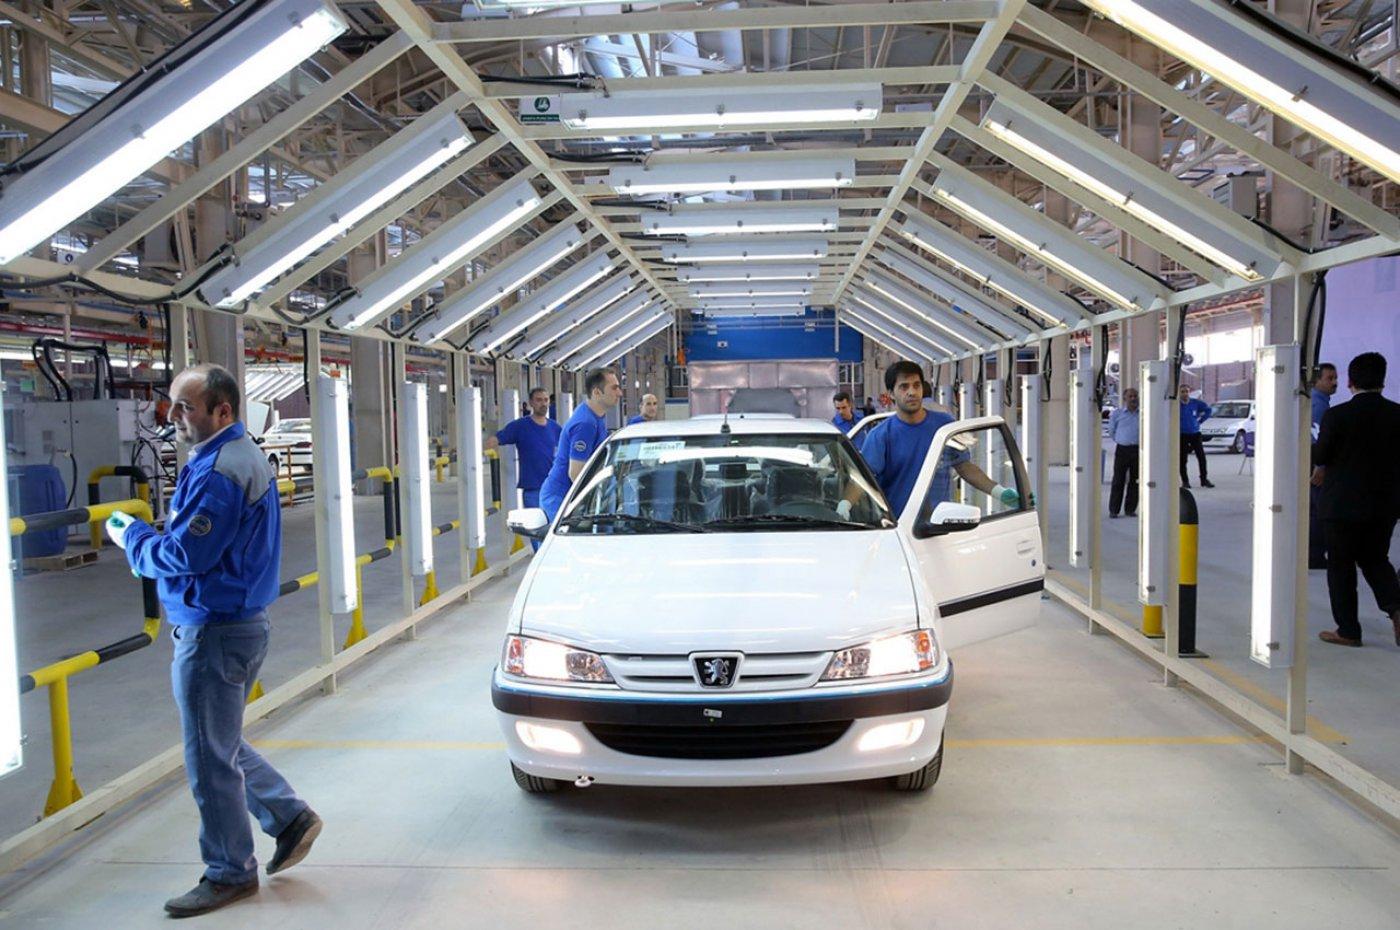 قیمت گذاری خودرو در بورس به کجا رسید؟ / بازار خودرو در انتظار دلار چند هزار تومانی است؟